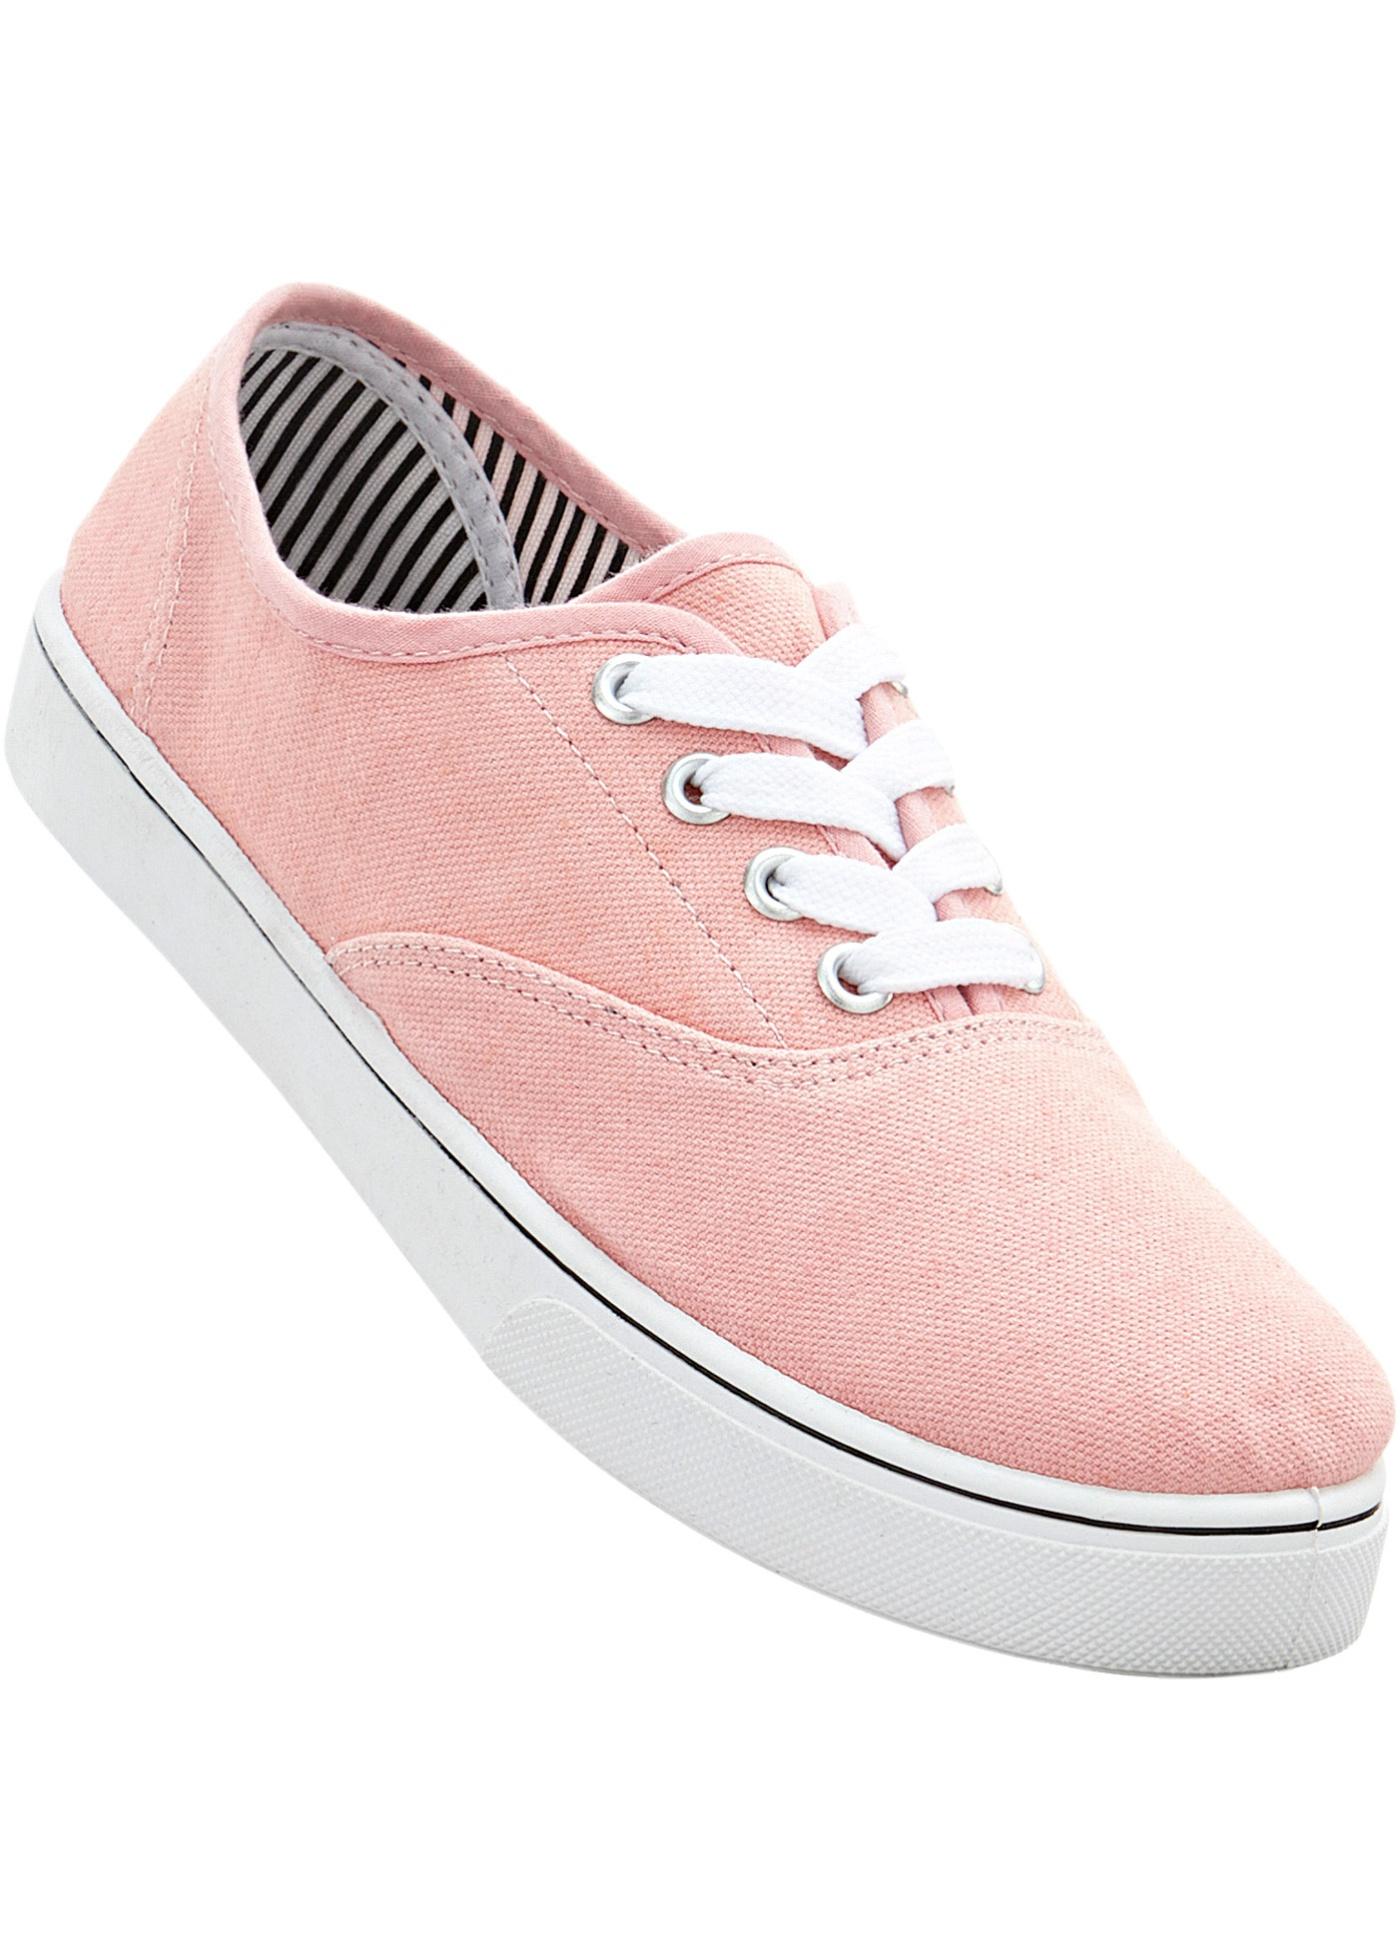 Chaussures de loisirs à lacets pratiques, semelle extérieure légère et profilée.